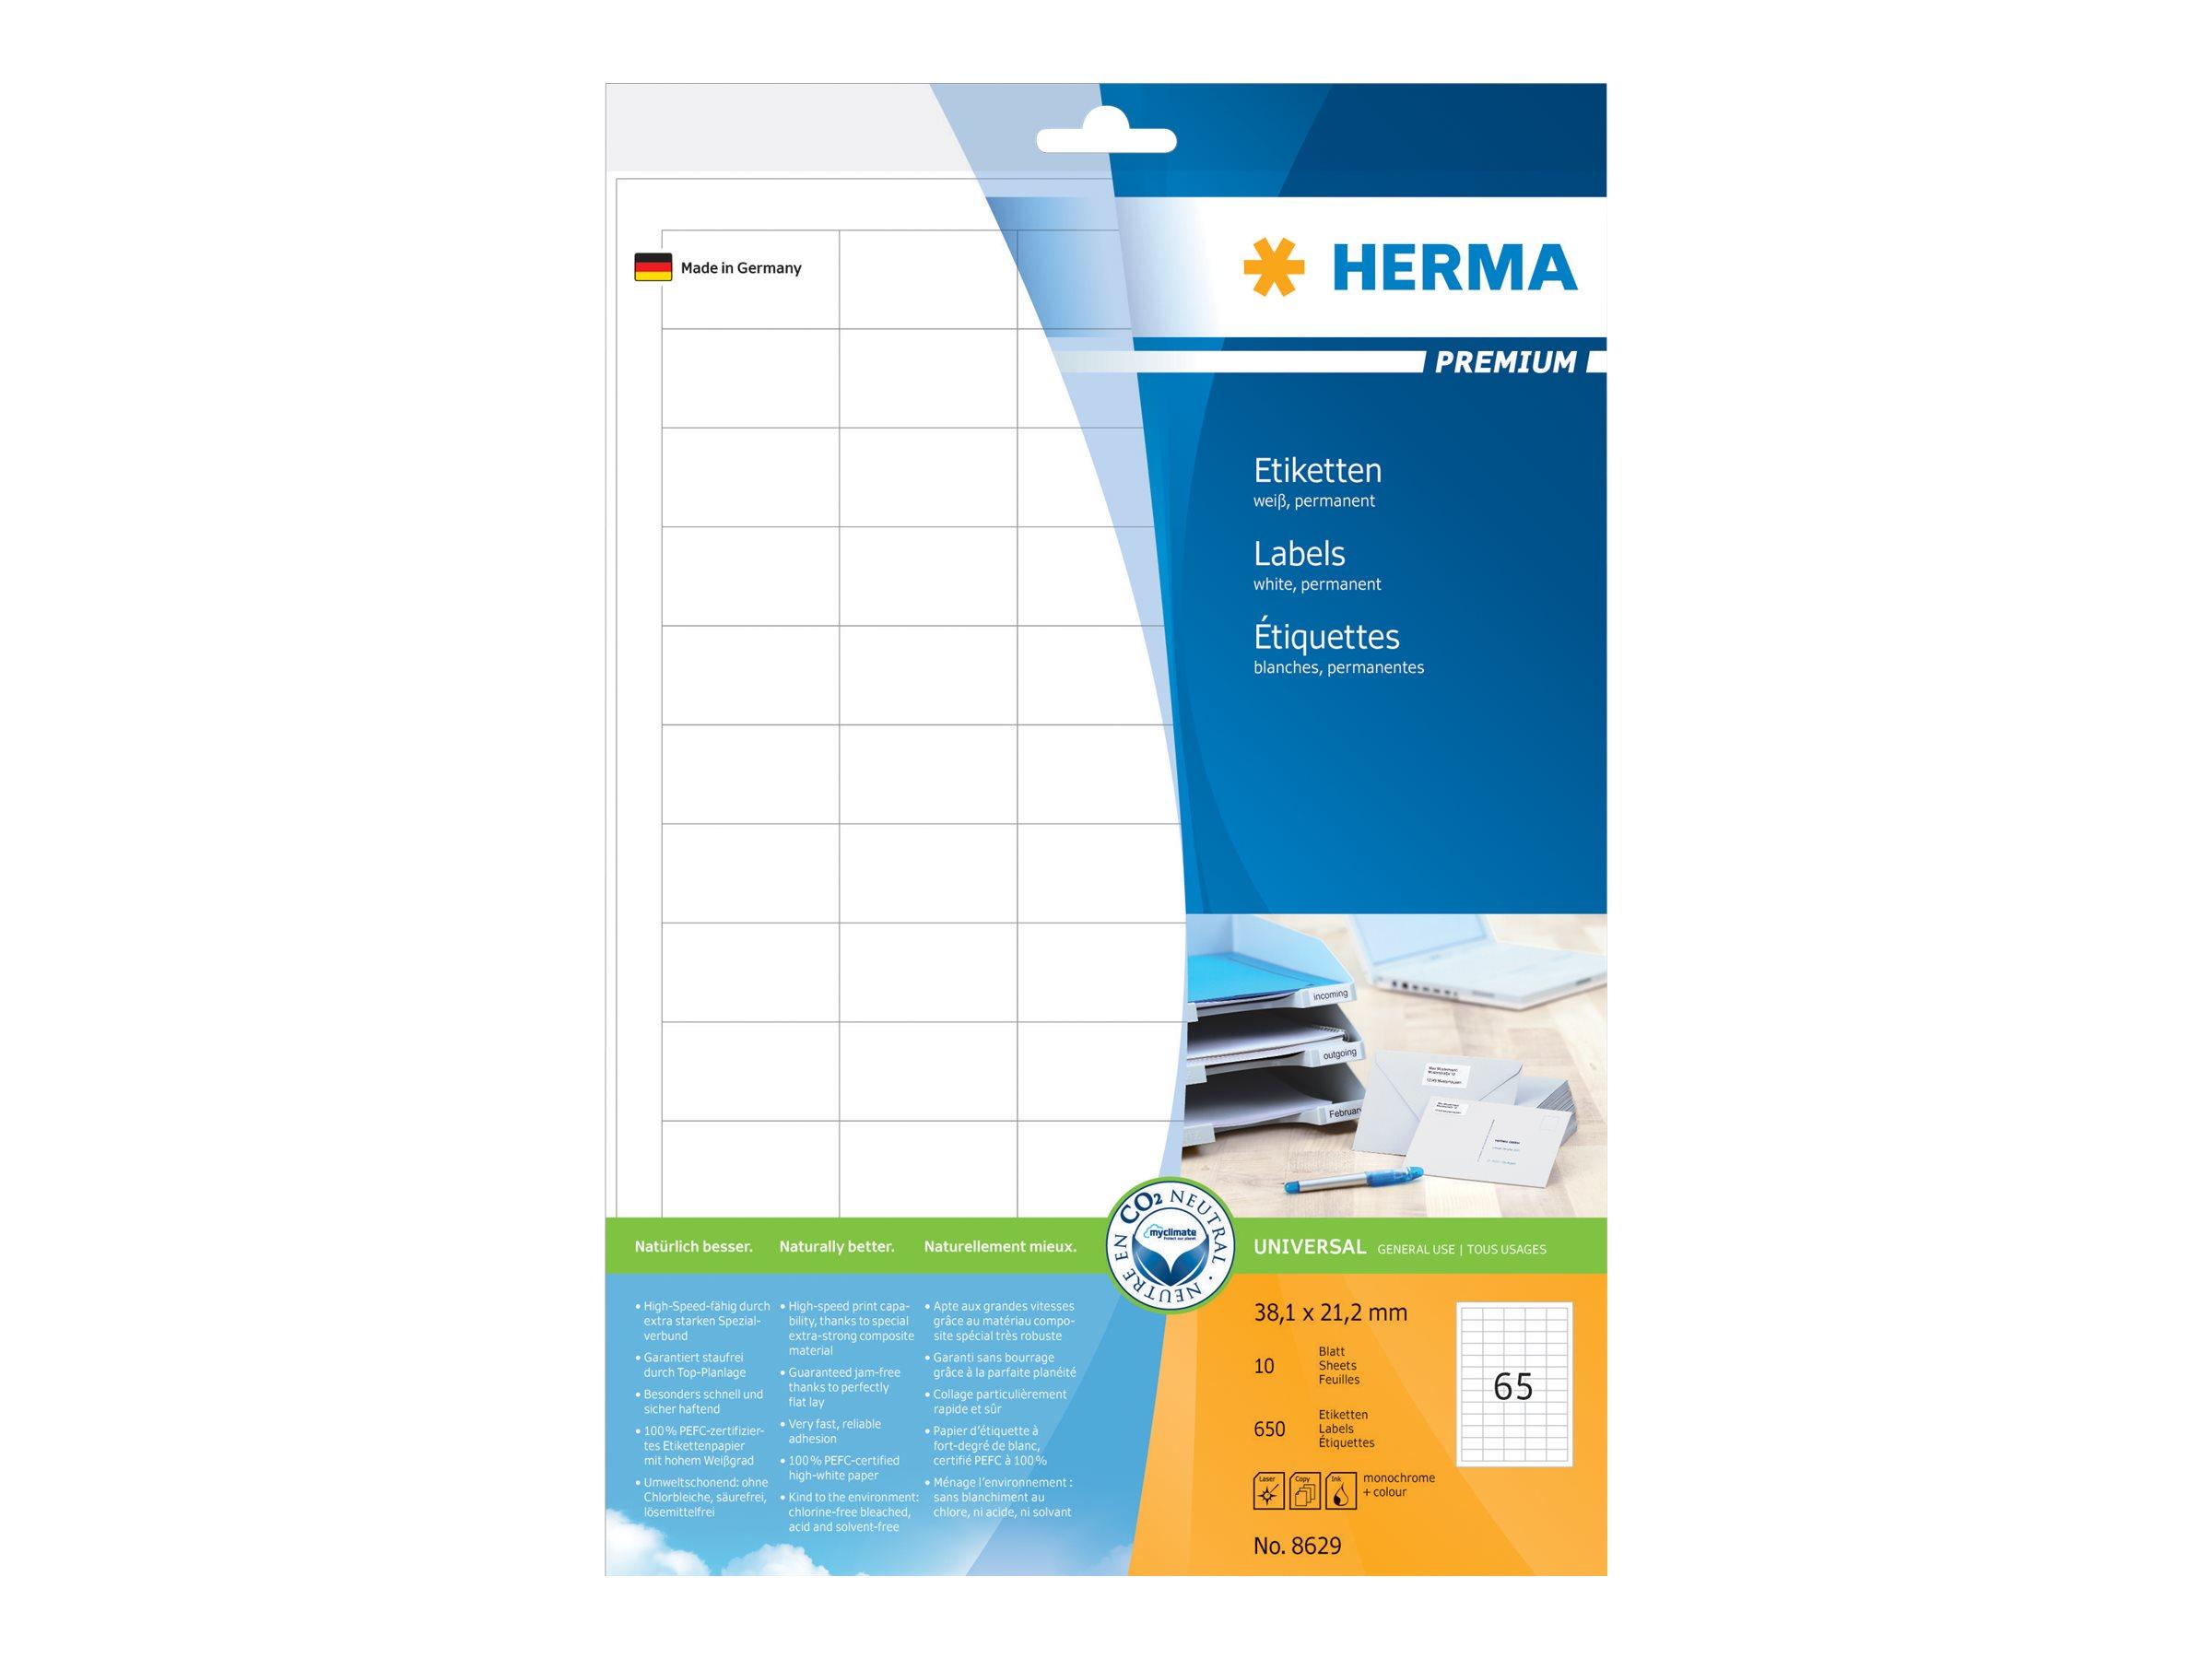 HERMA Premium - Papier - matt - permanent selbstklebend - weiß - 38.1 x 21.2 mm 650 Etikett(en) (10 Bogen x 65)